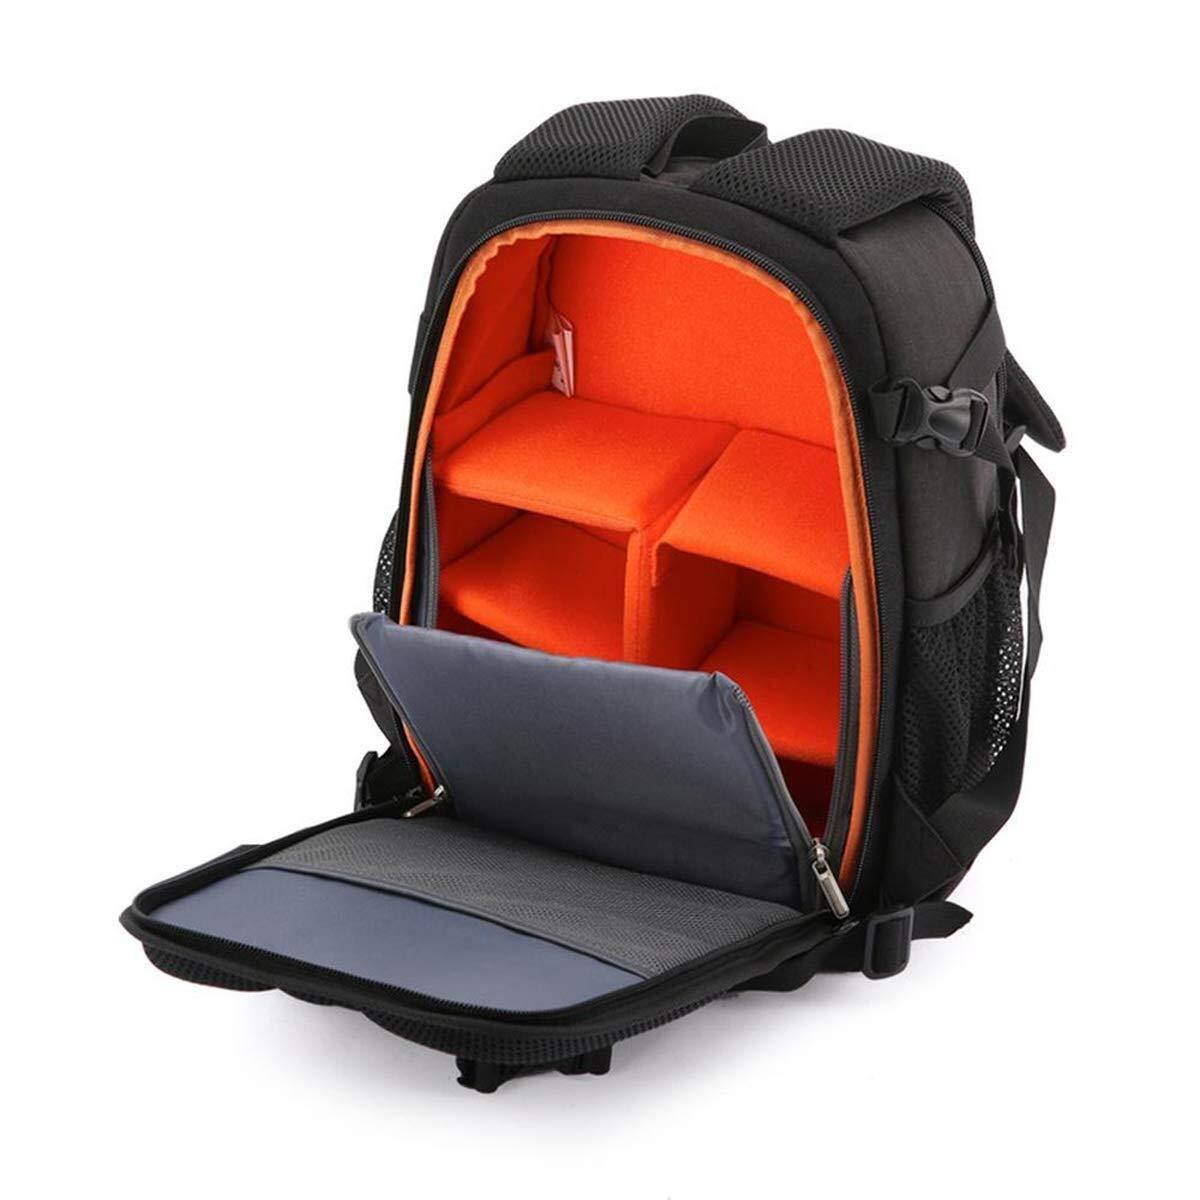 スタイリッシュなカジュアル一眼レフカメラバックパック軽量大容量カメラバッグ防水オックスフォード布屋外旅行コレクションラップトップバッグ いいよ (色 : オレンジ) オレンジ